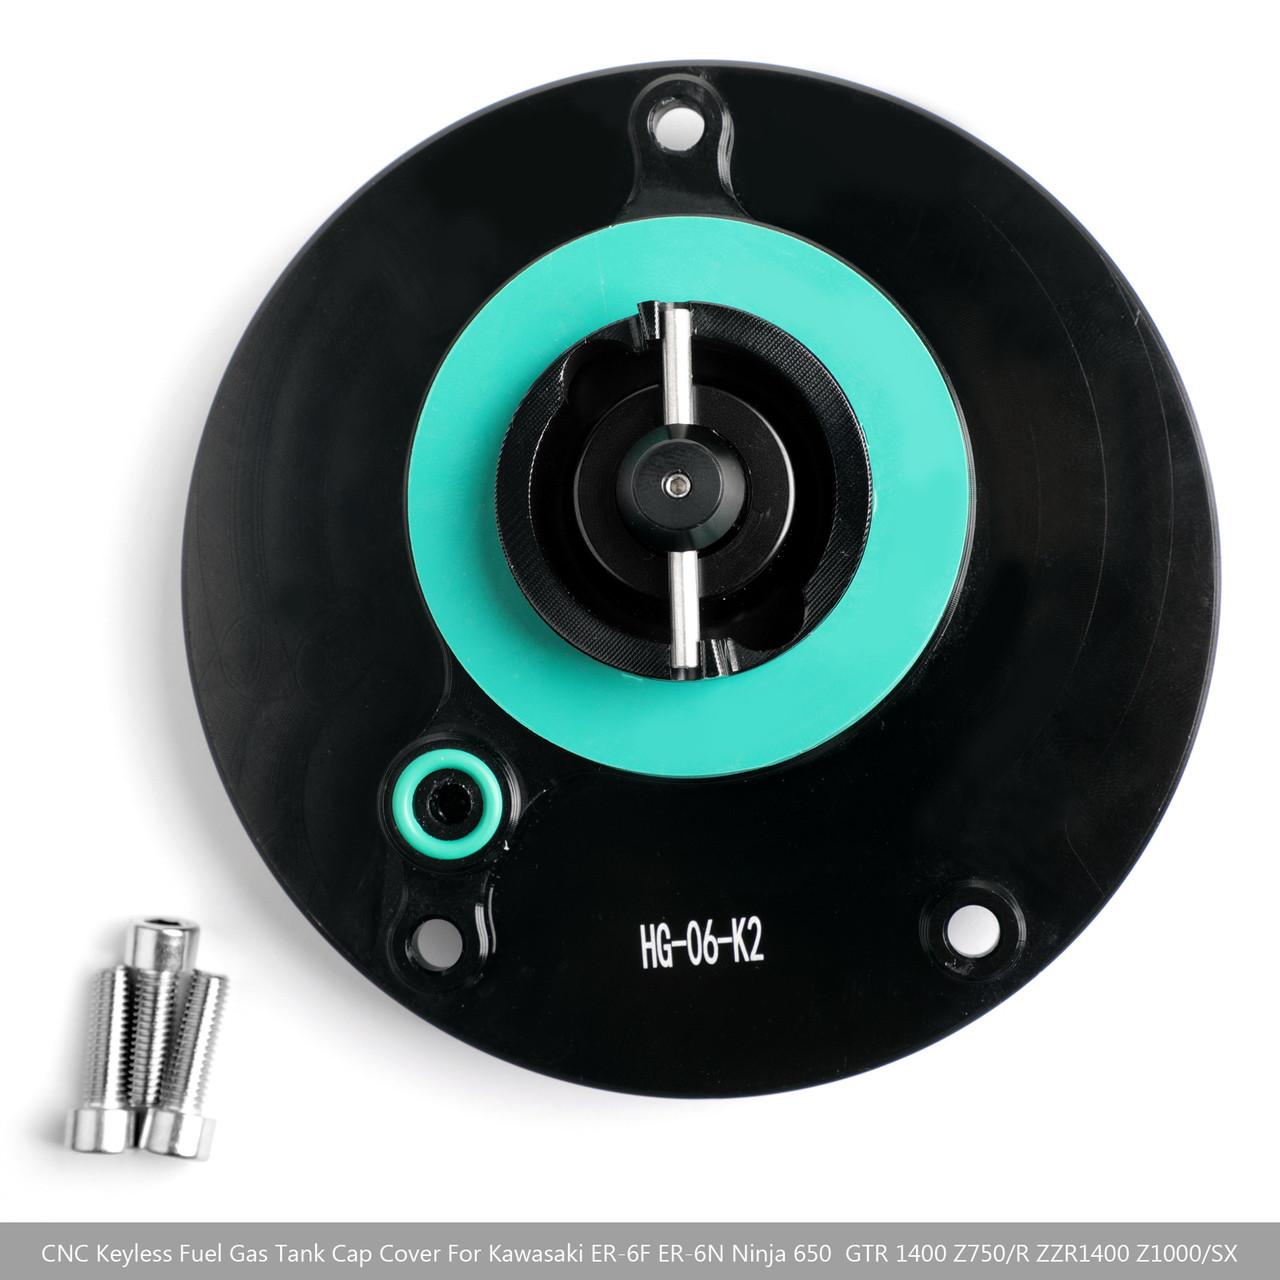 CNC Keyless Fuel Gas Tank Cap For Kawasaki GTR 1400 2010+ Ninja 1000 ZX-10R 2008+ Black